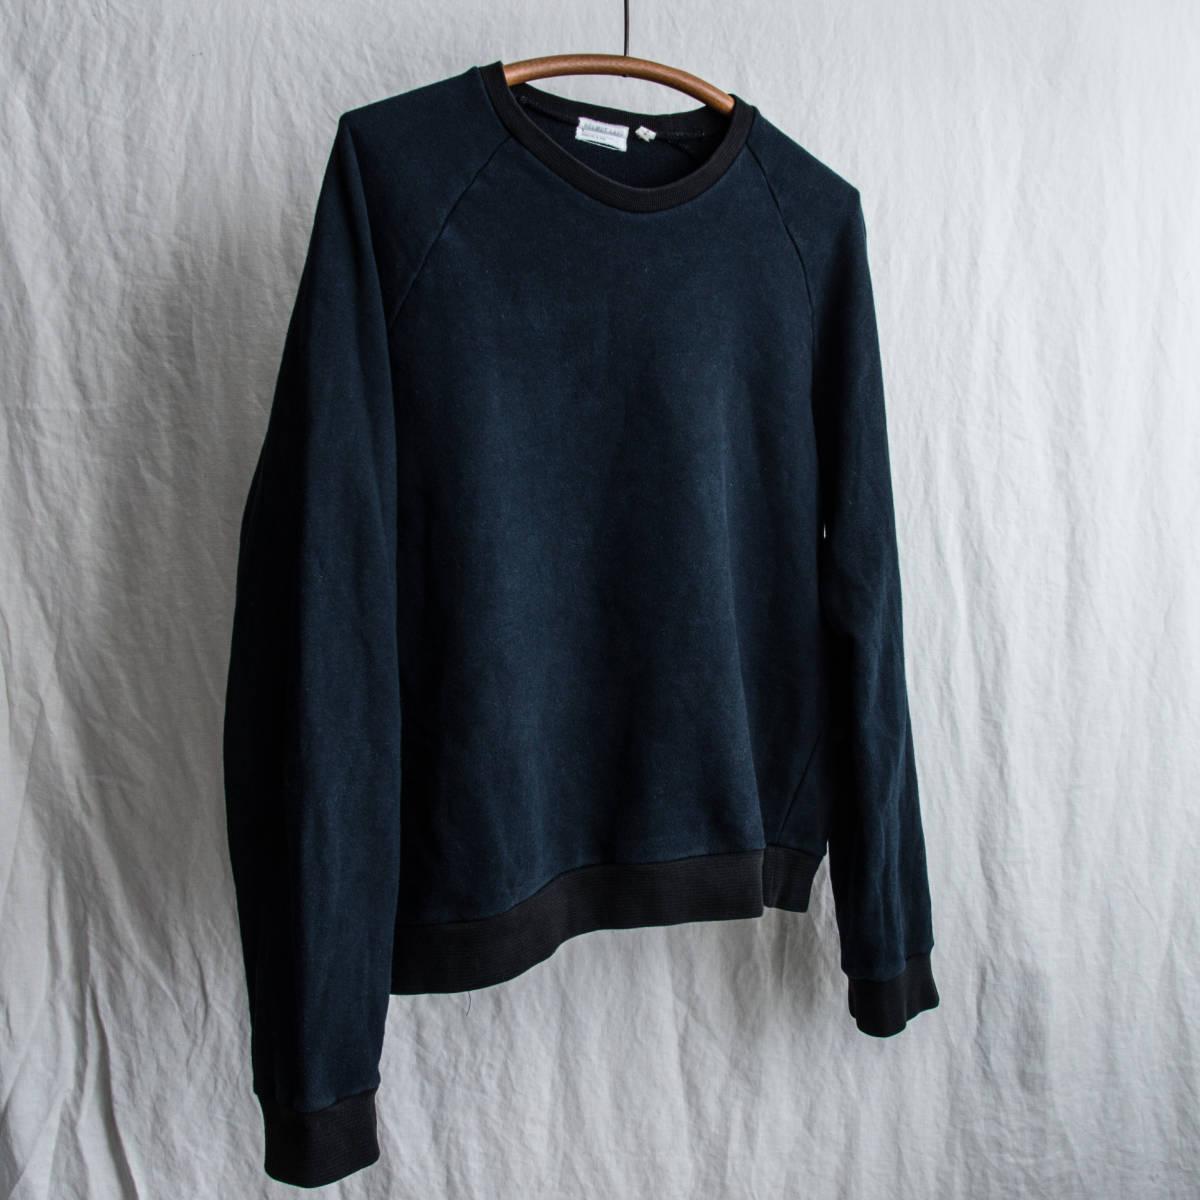 1990's HELMUT LANG 2-Tone Sweat Shirt 1998 Made in Italy / ビンテージ オールド ヘルムートラング スウェット シャツ イタリア製 古着_画像2